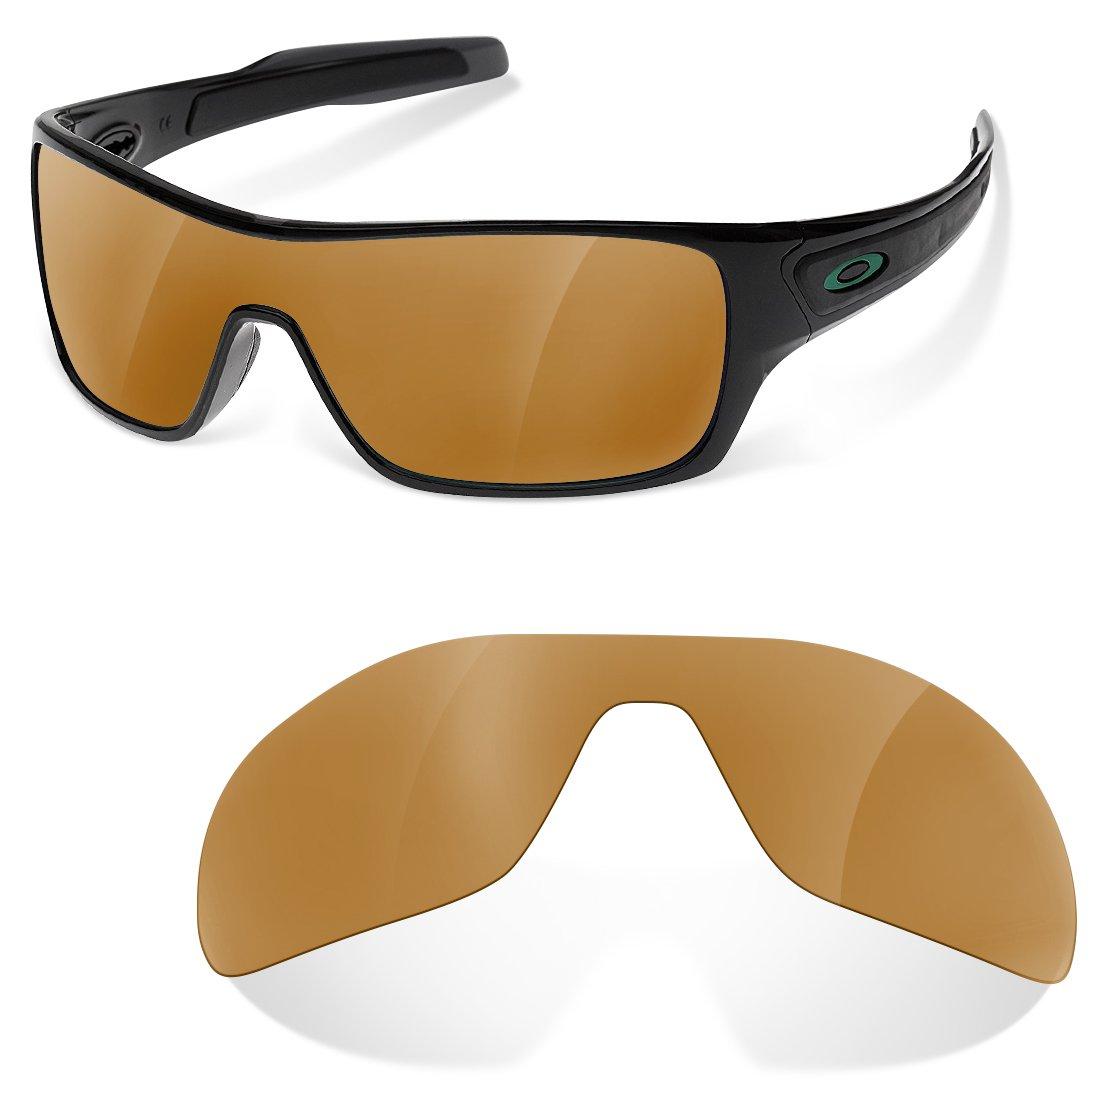 f4900d2da1 Gafas Oakley Dispatch 2 Precio « One More Soul